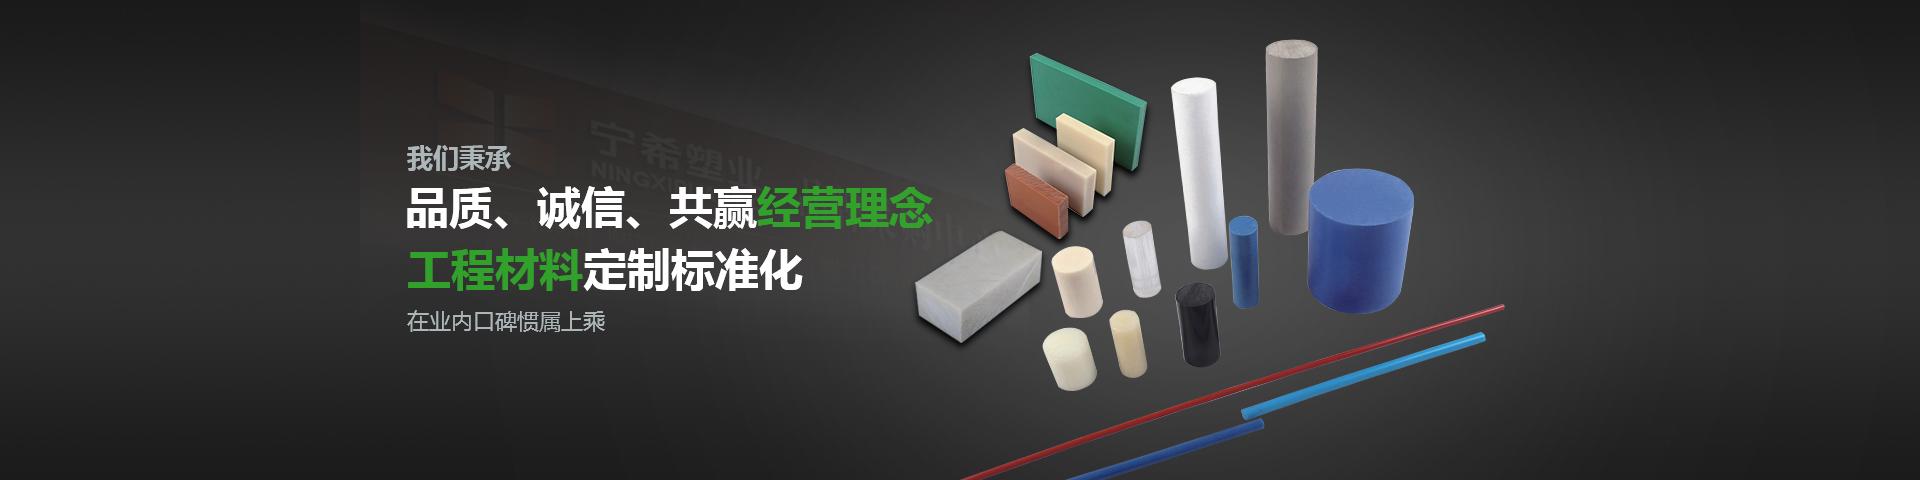 进口工程材料